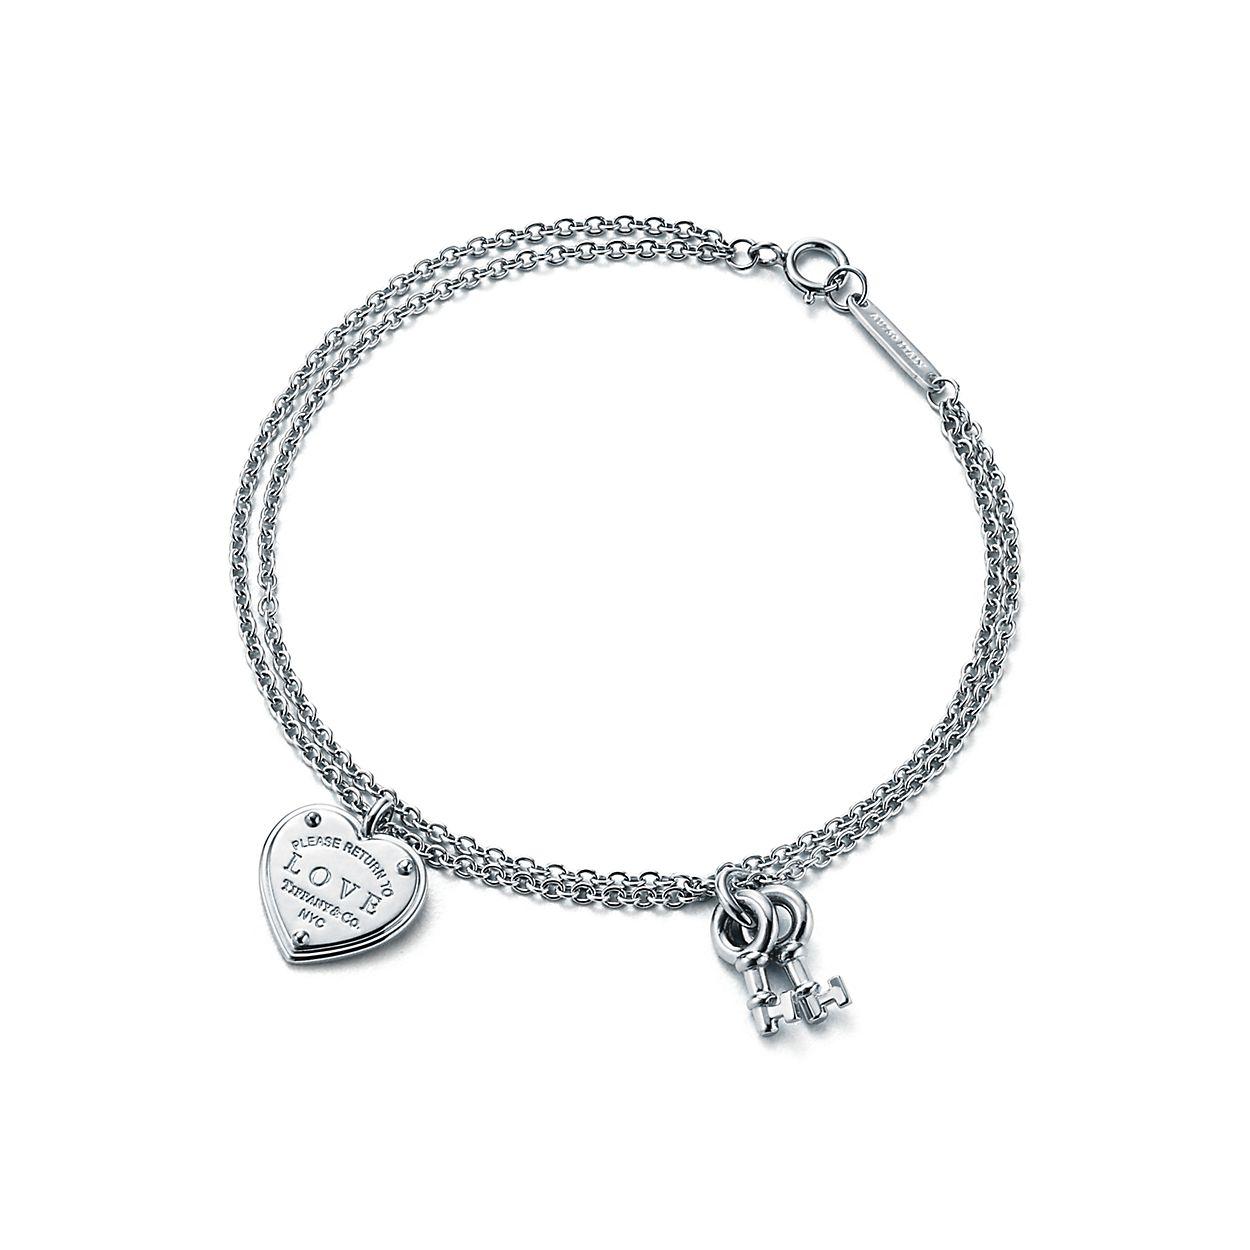 Retour Au Coeur Tag Tiffany En Argent Sterling Sur Un Bracelet De Perles, Un Grand Tiffany & Co.